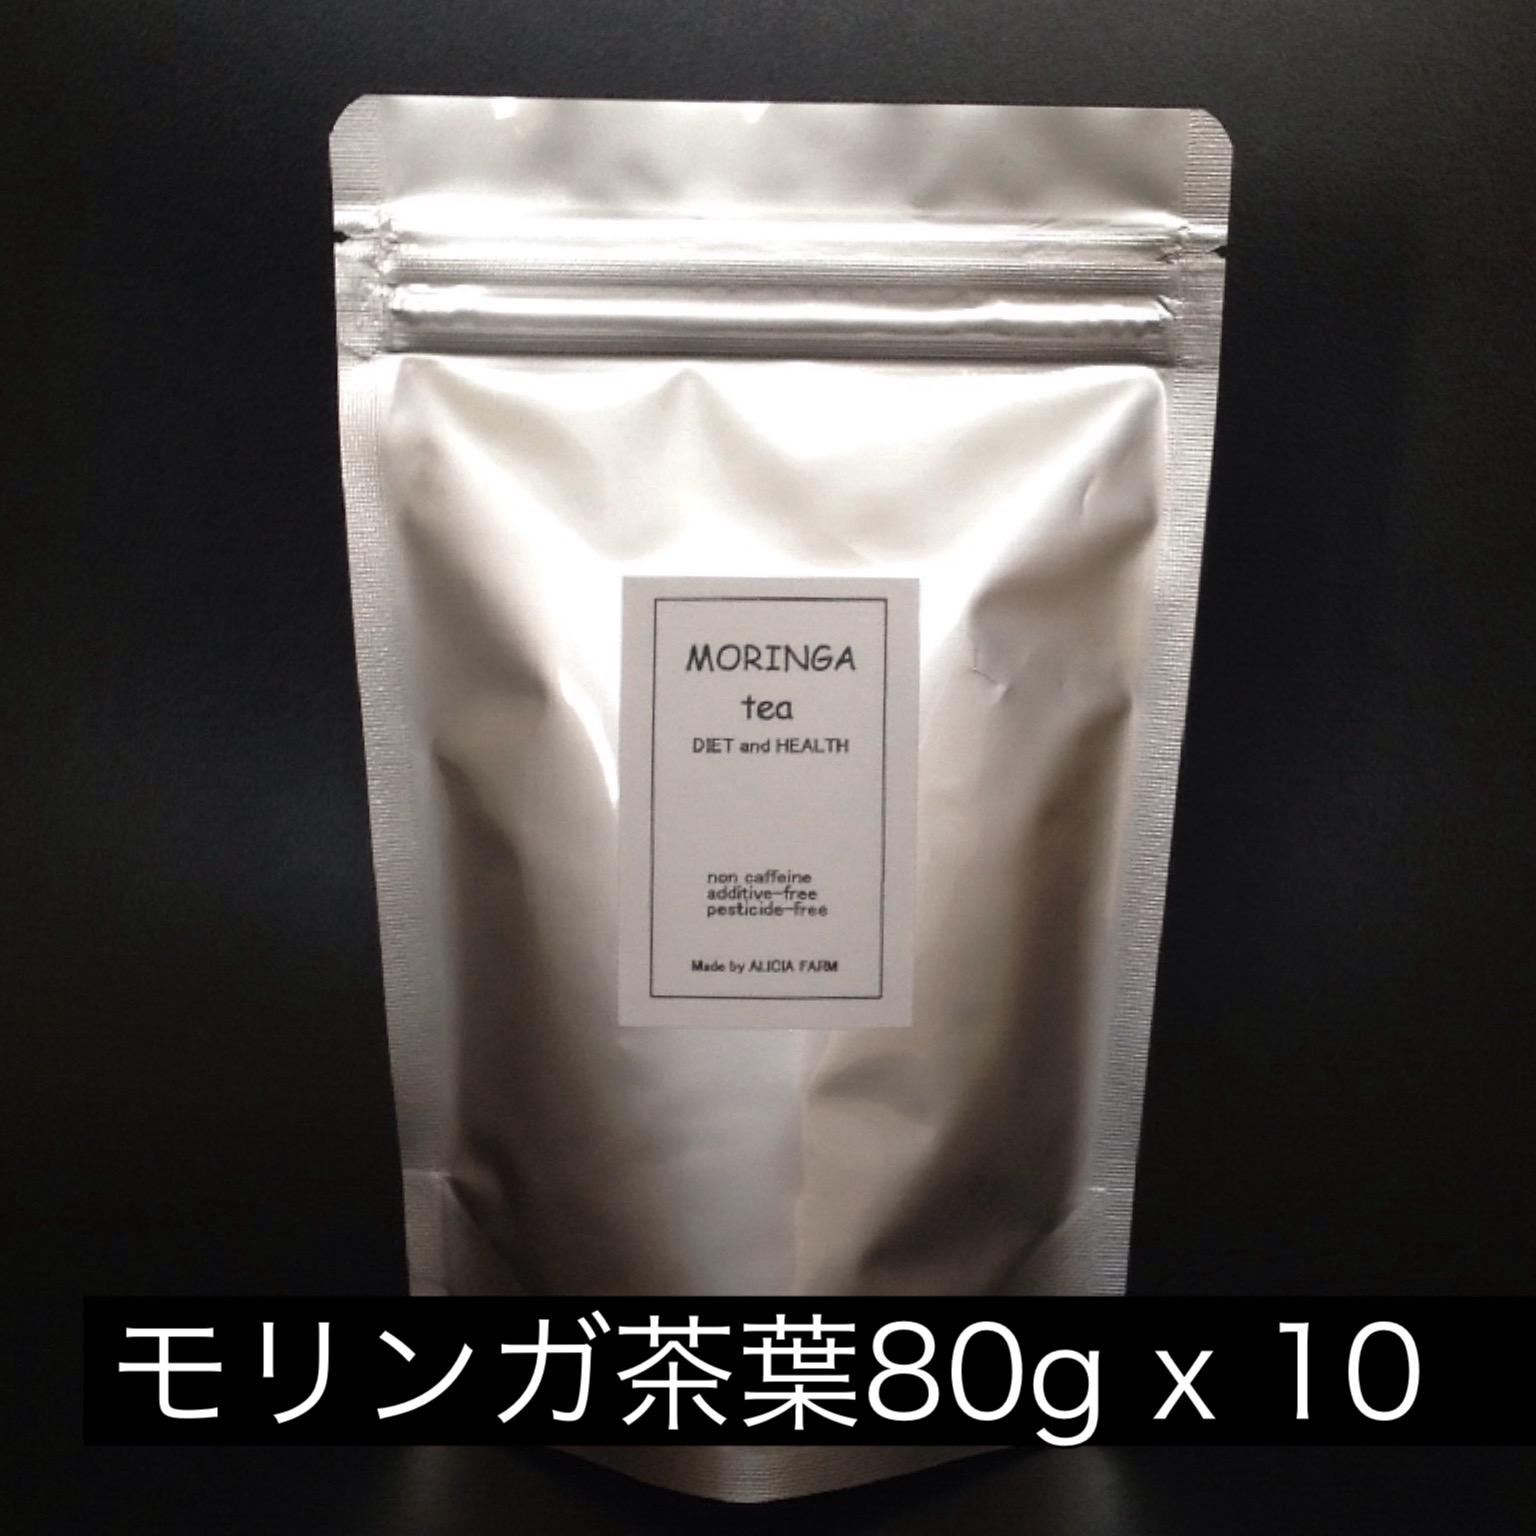 モリンガ茶葉80gx10 代理店価格画像